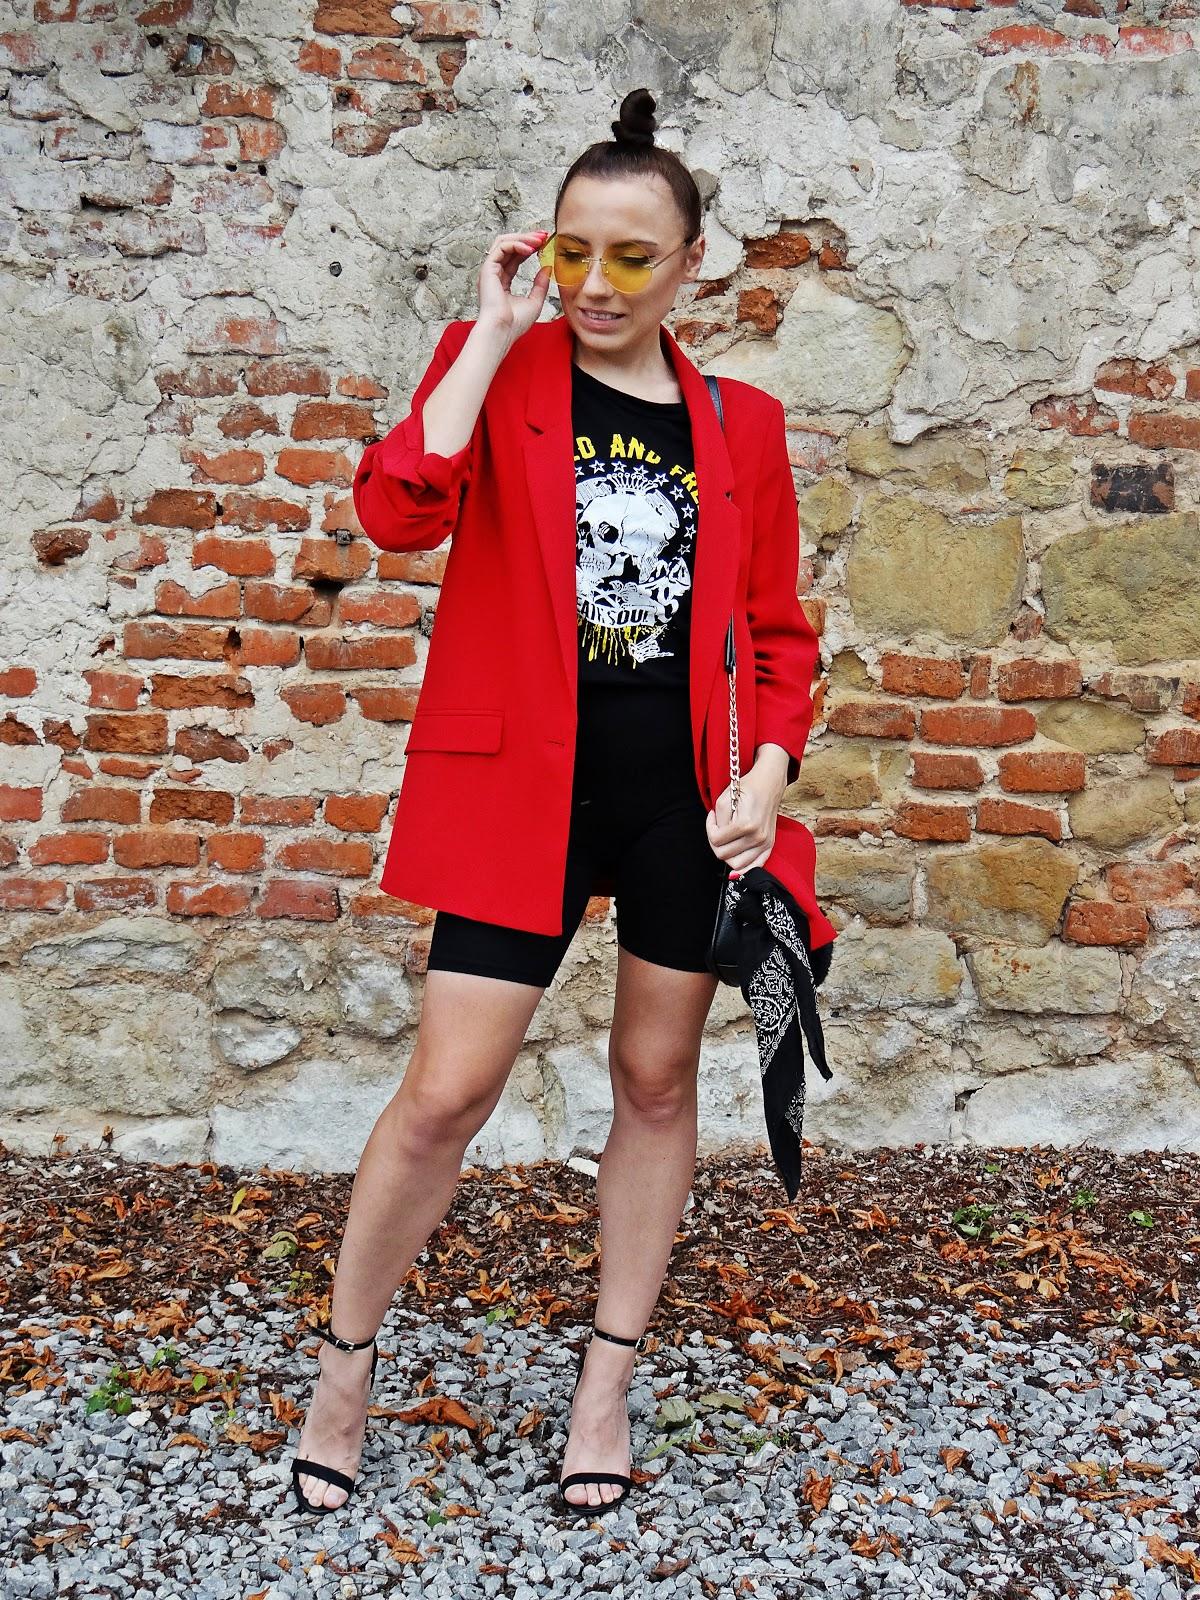 kolarki bonprix 30 lat karyn urodziny czerwona marynarka szpilki blog modowy